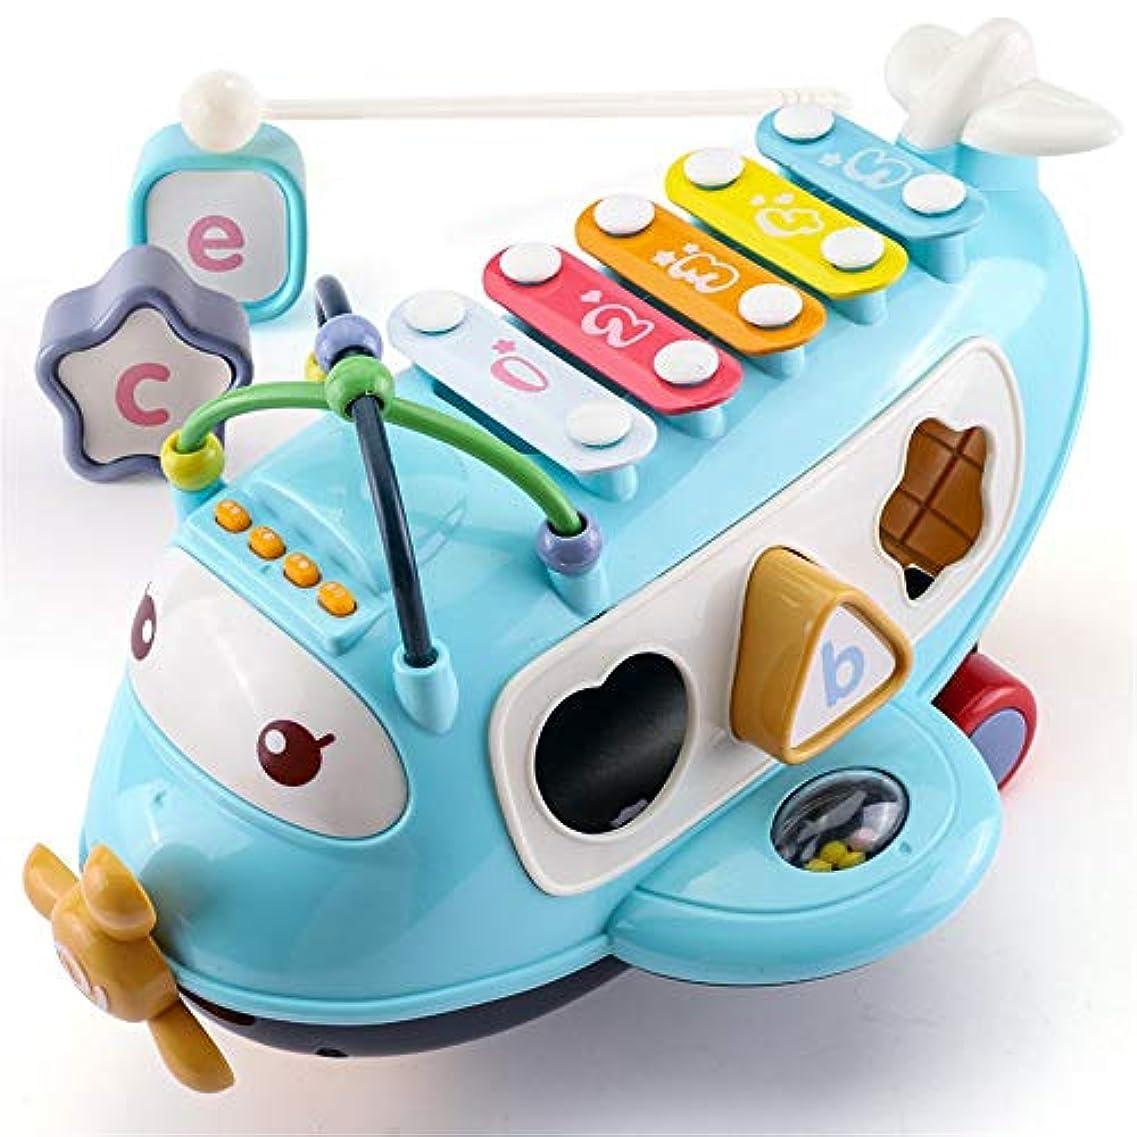 閉じ込める簿記係取り消すビーズコースター ルーピング子供 知育玩具 セット アーリーラーニング活動キューブおもちゃ、インタラクティブ航空機は、幼児のための音楽活動おもちゃ車、サウンド&ミュージックシェイプ 人気 早期開発 指先訓練 積み木 男の子 女の子 誕生日のプレゼント (Color : Blue, Size : Free size)